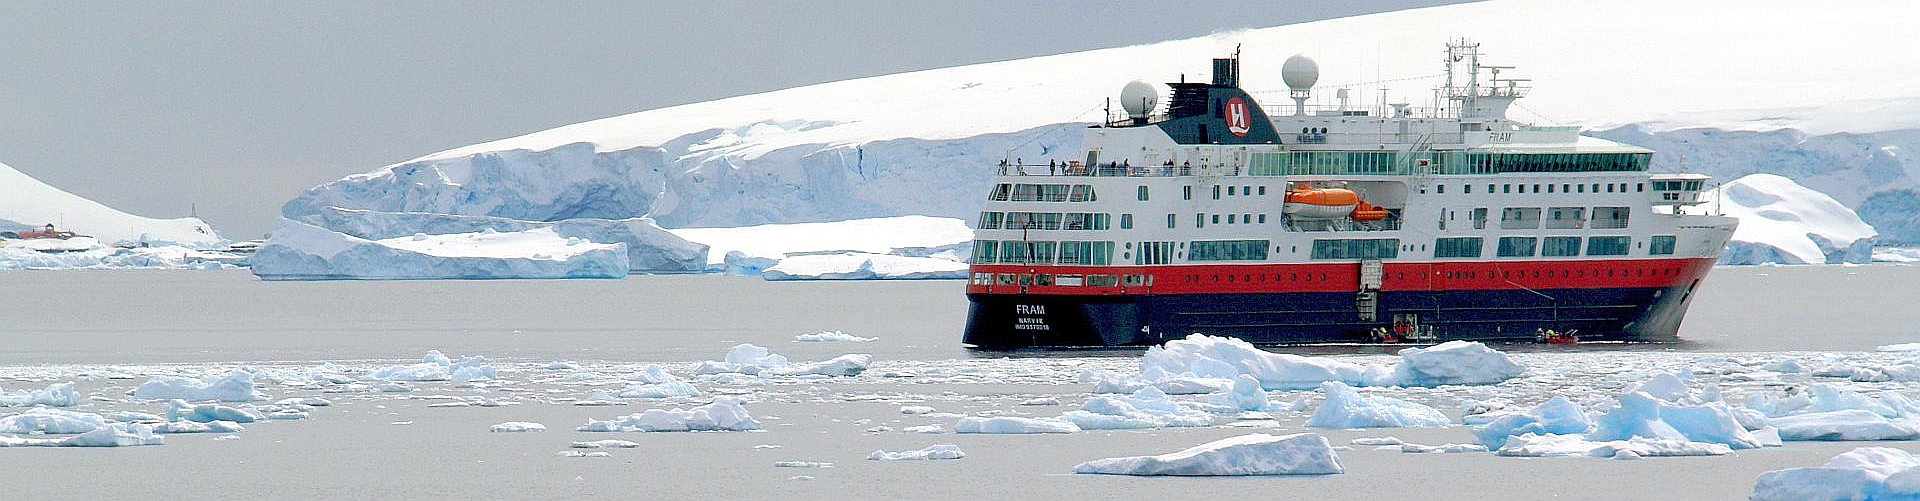 Grönland Expedition mit MS Fram